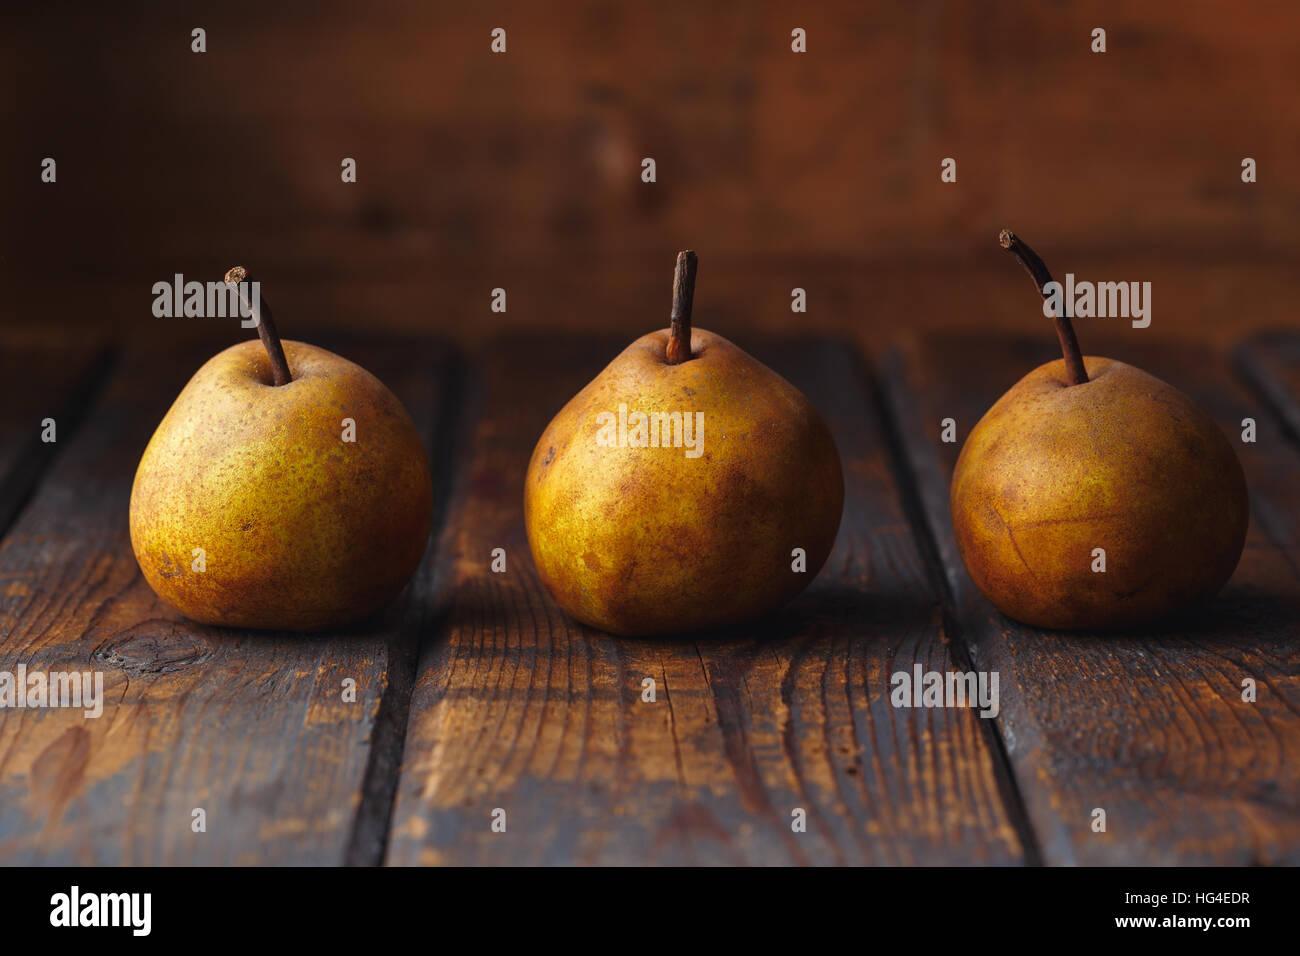 Braune reife Birnen auf einem Holztisch Stockbild